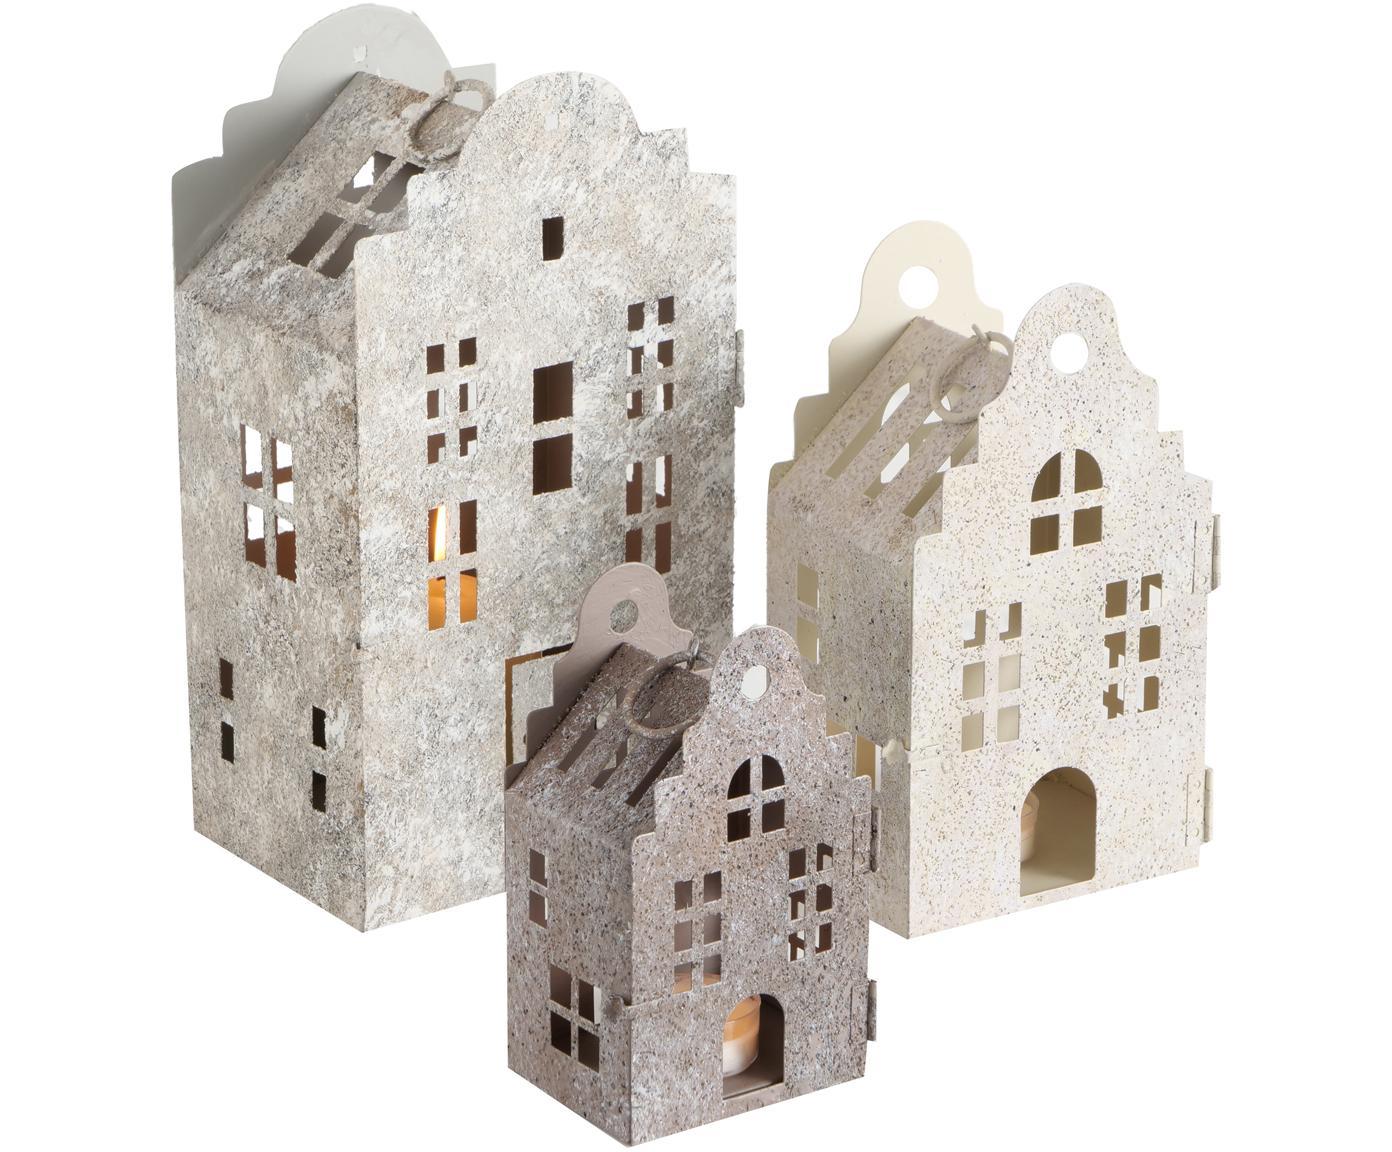 Windlichter-Set Amsterdam, 3-tlg., Metall, lackiert, Beige, hellgrau, grau, Verschiedene Grössen